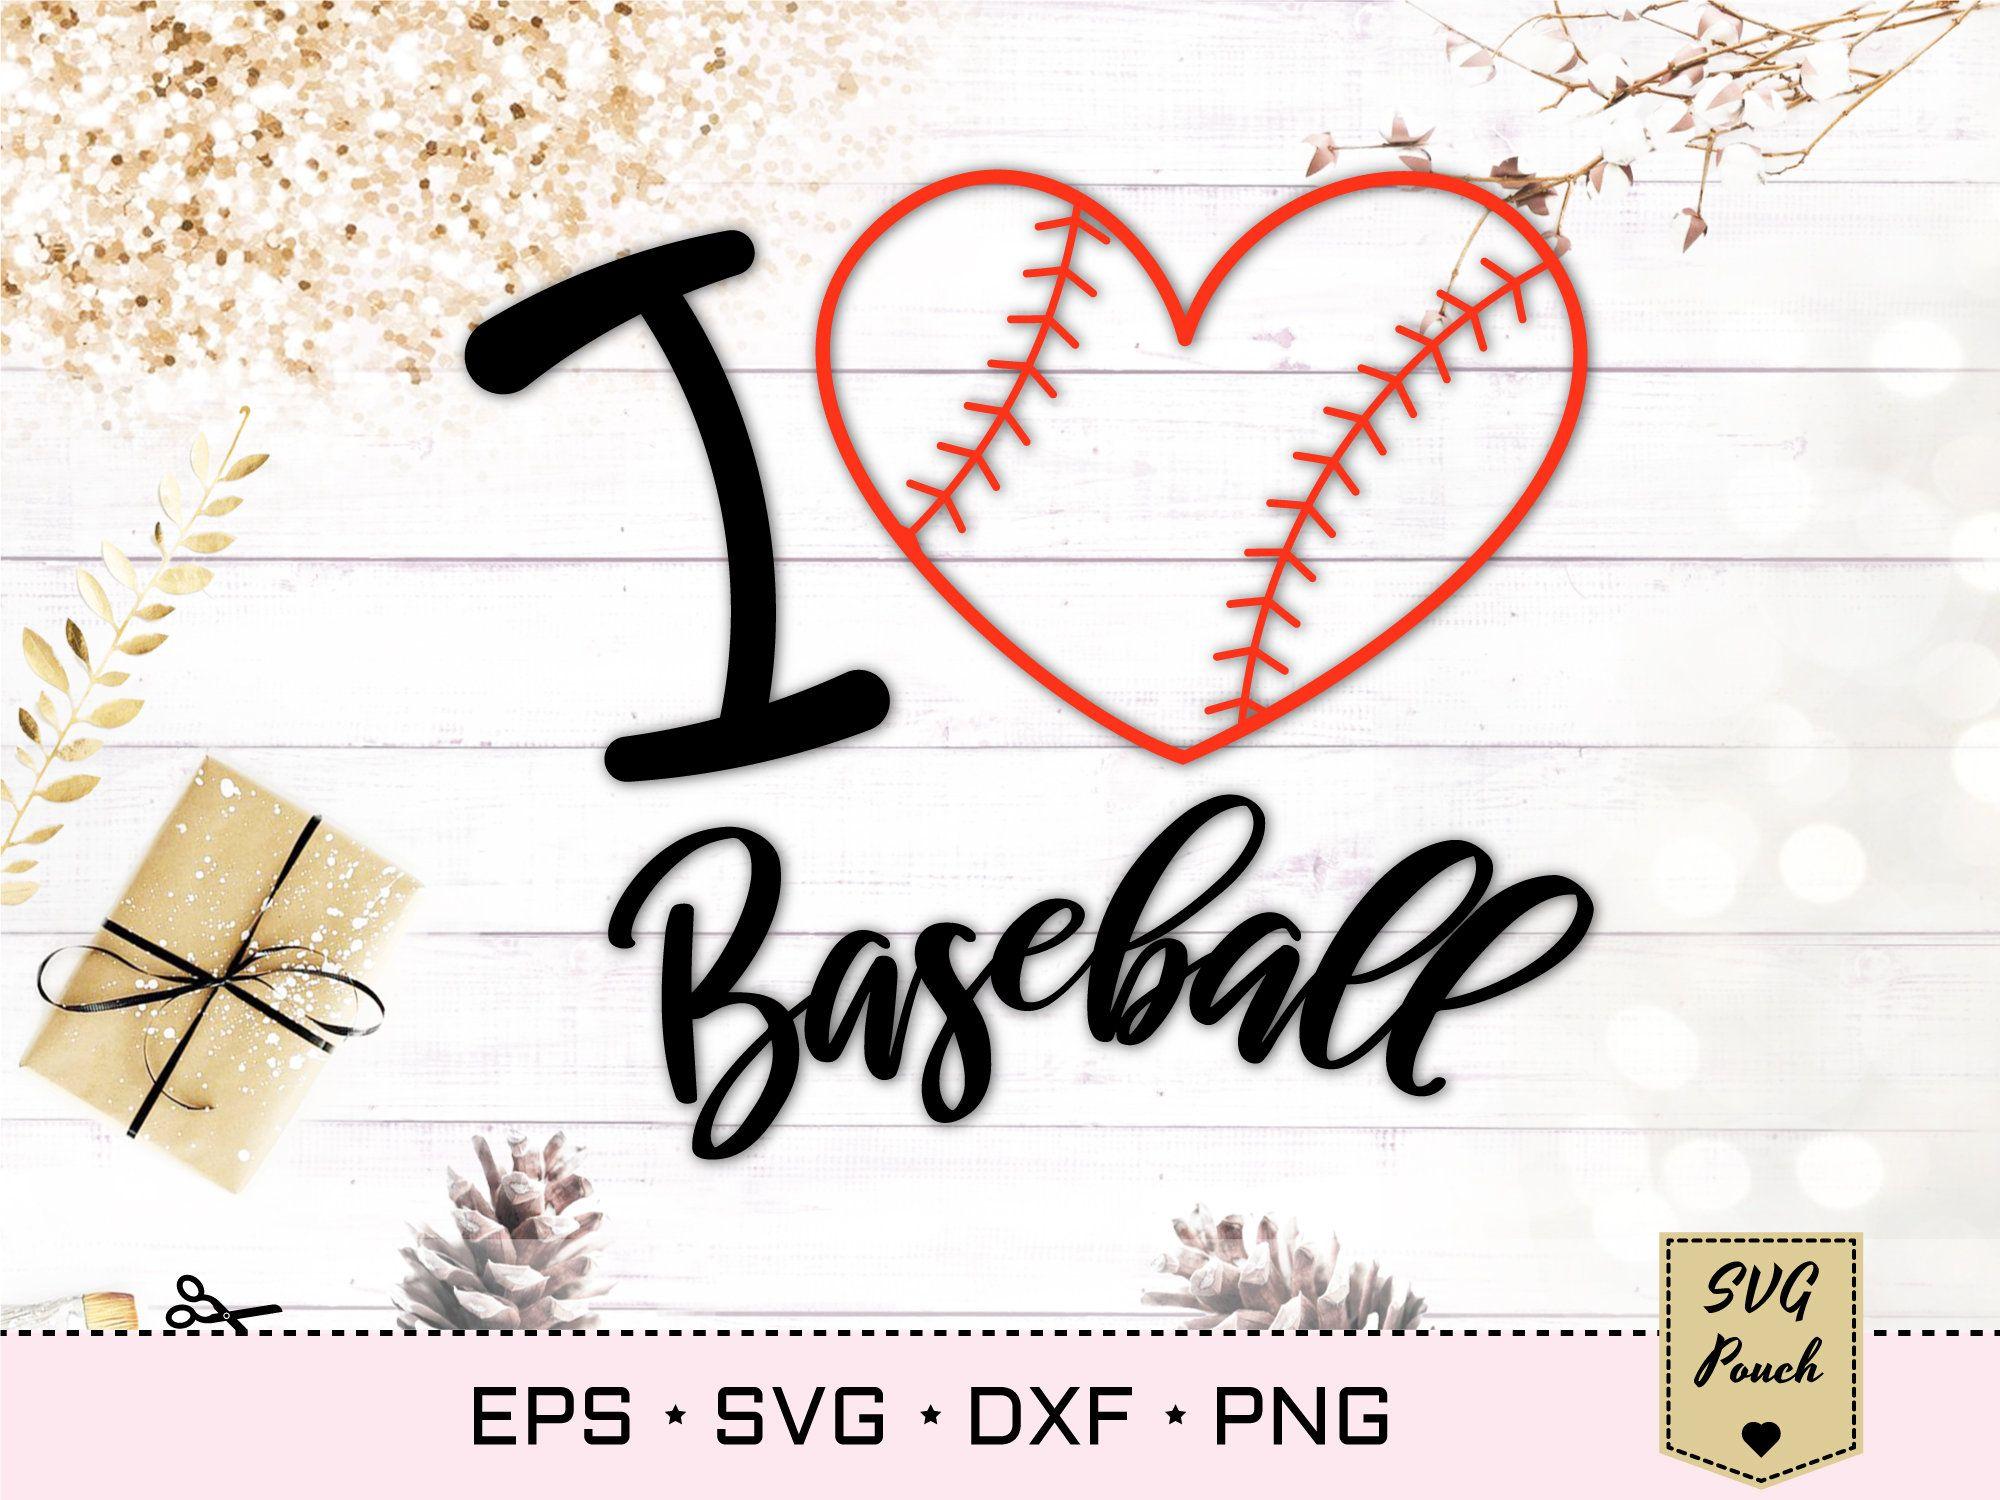 I Love Baseball Heart Svg Baseball Ball Svg Baseball Lover Etsy In 2020 Stationery Art Svg Monogram Fonts